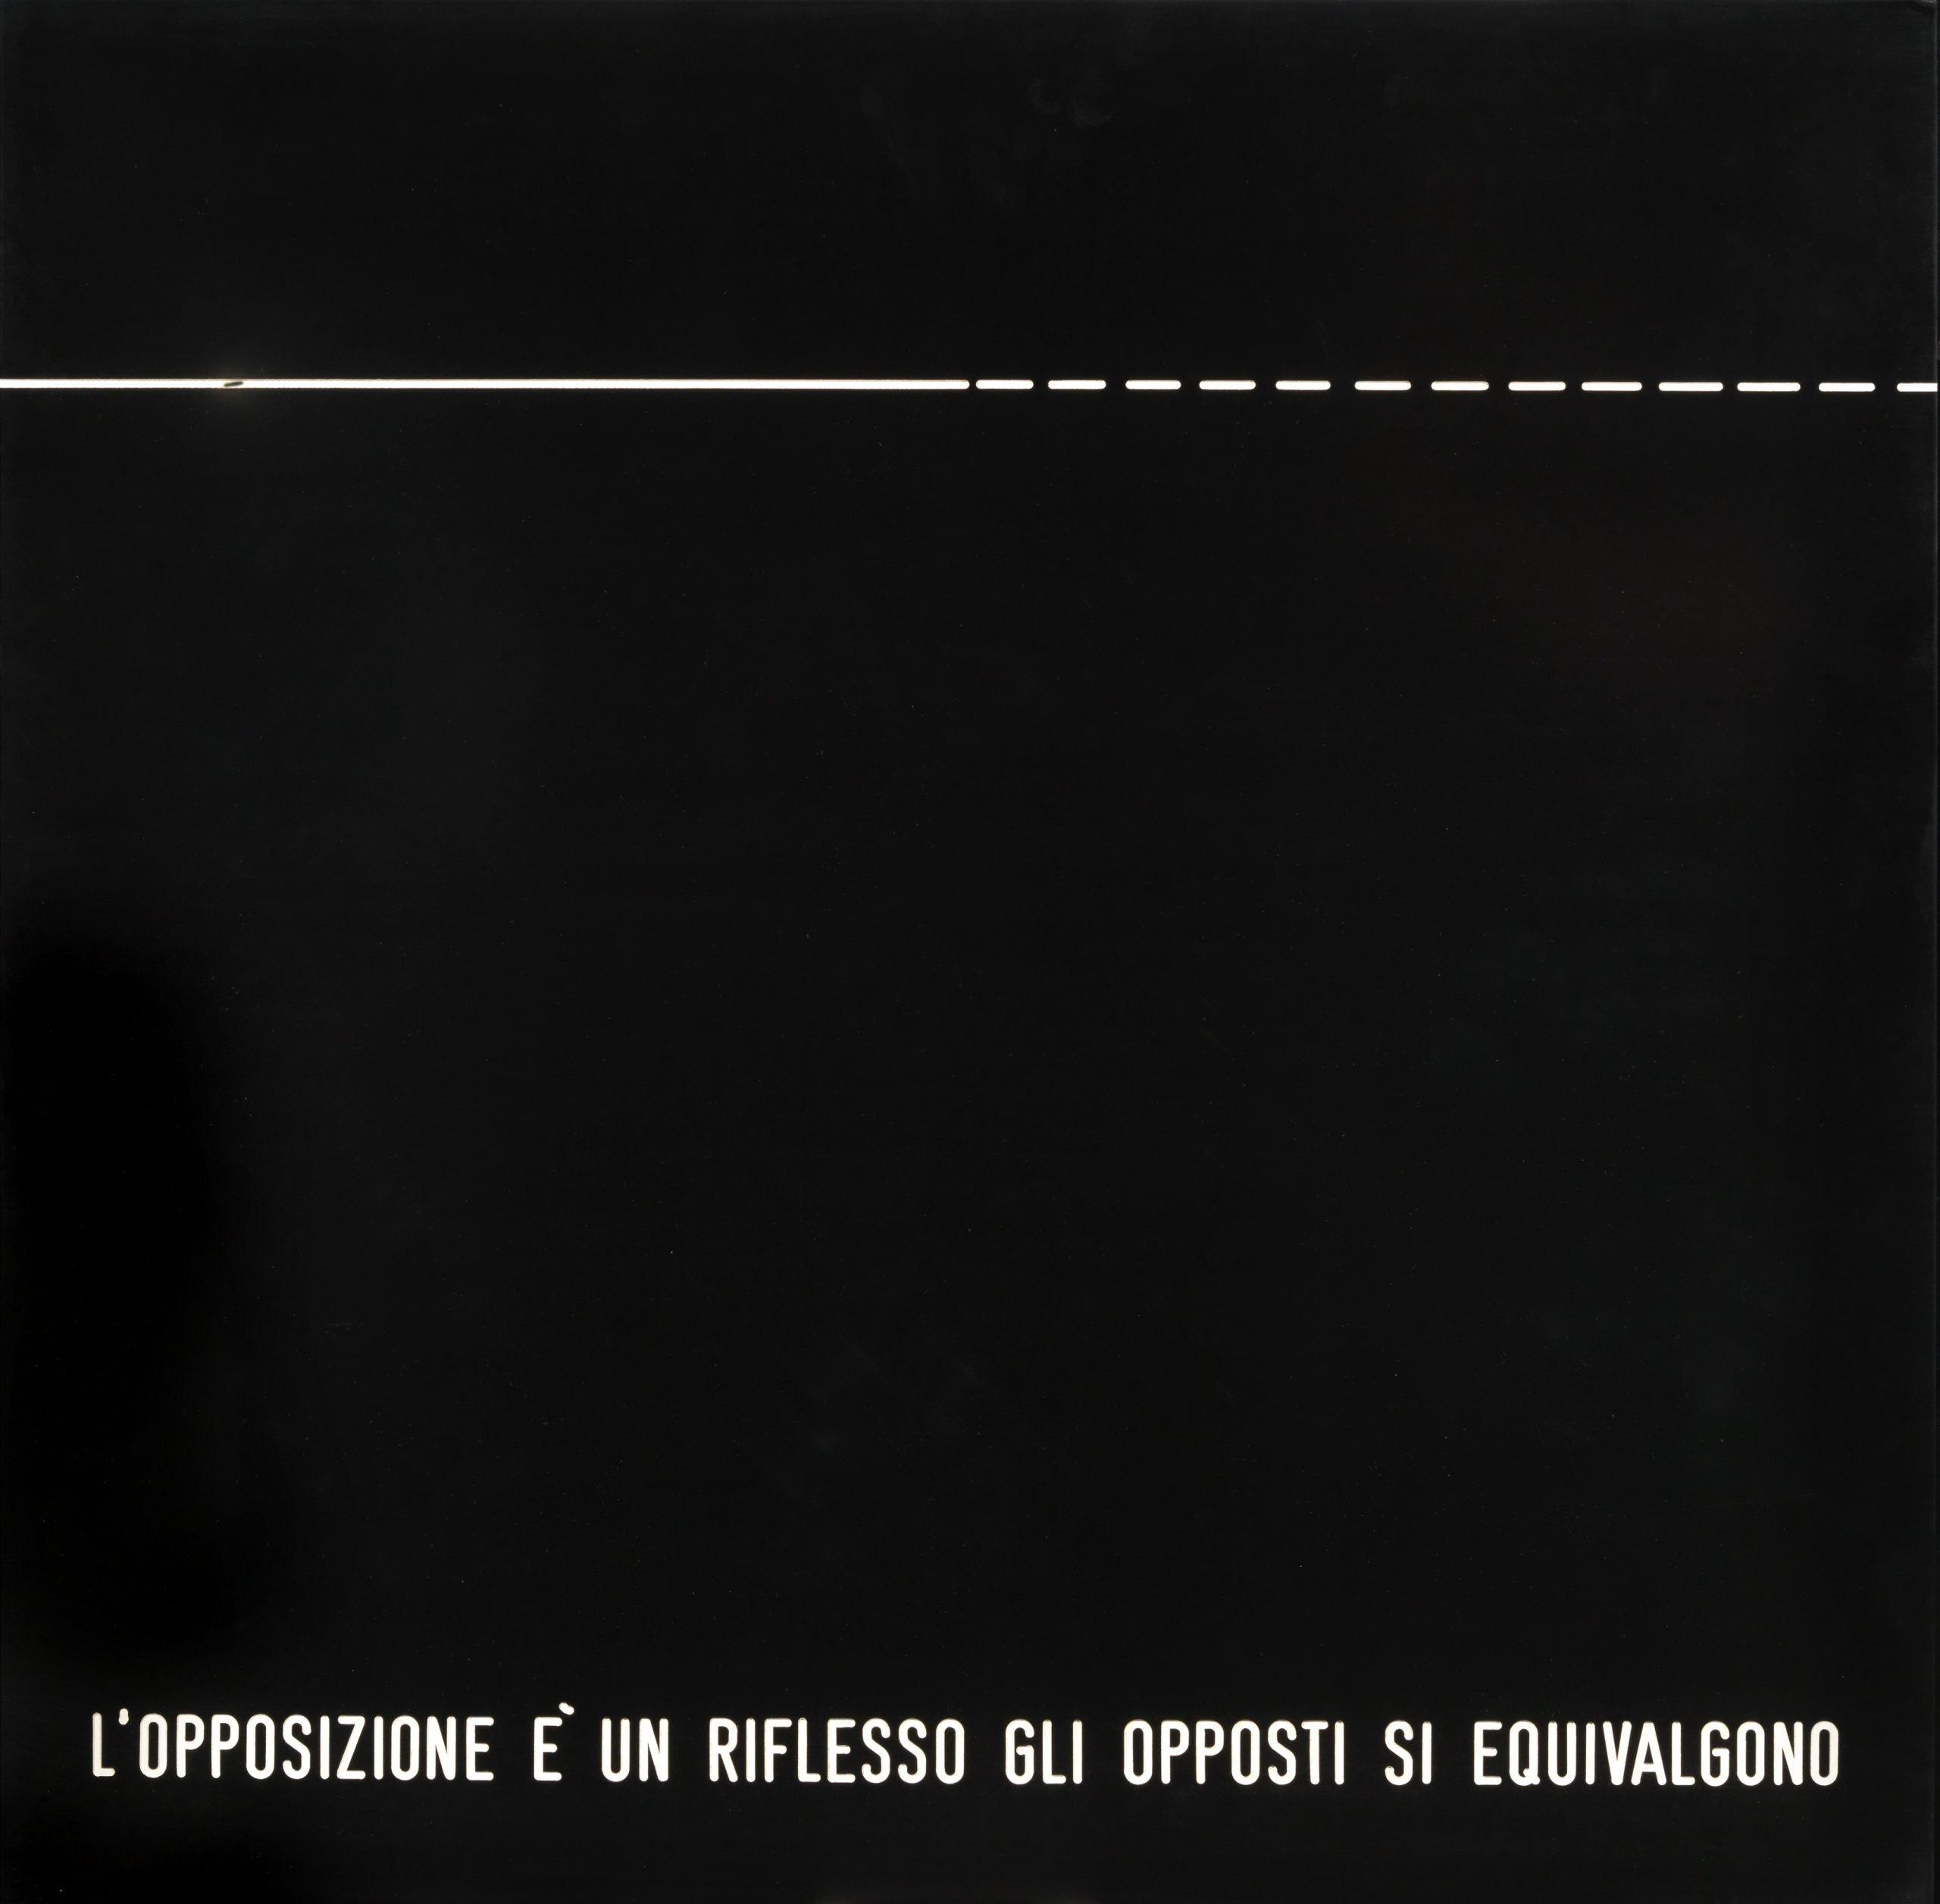 Vincenzo Agnetti, Assioma: l'opposizione è un riflesso gli opposti si equivalgono, 1970, bachelite nera incisa e dipinta con vernice nitro bianca, 70x70 cm